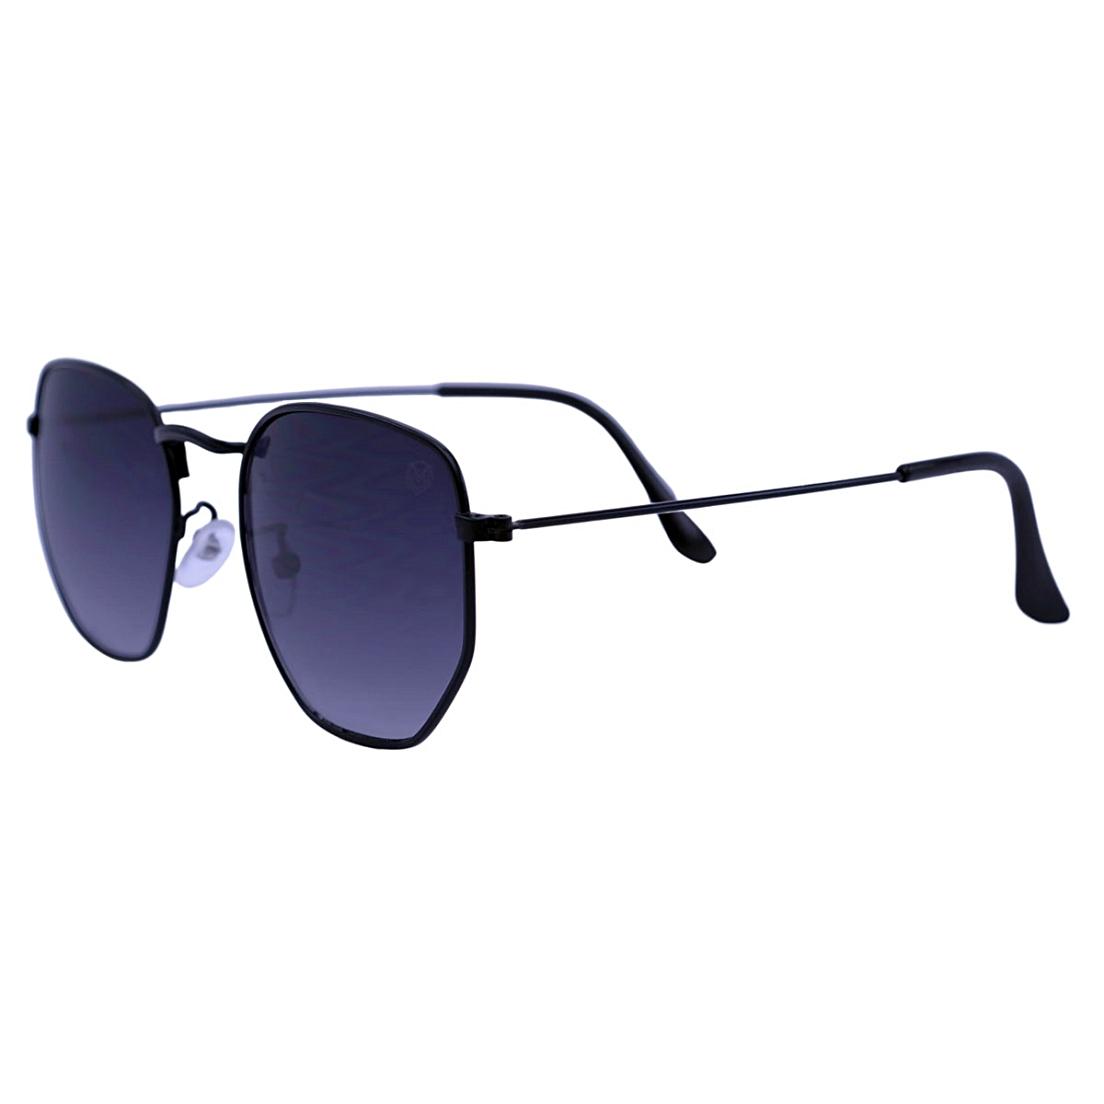 Óculos De Sol Mackage Unissex Metal Hexa - Preto